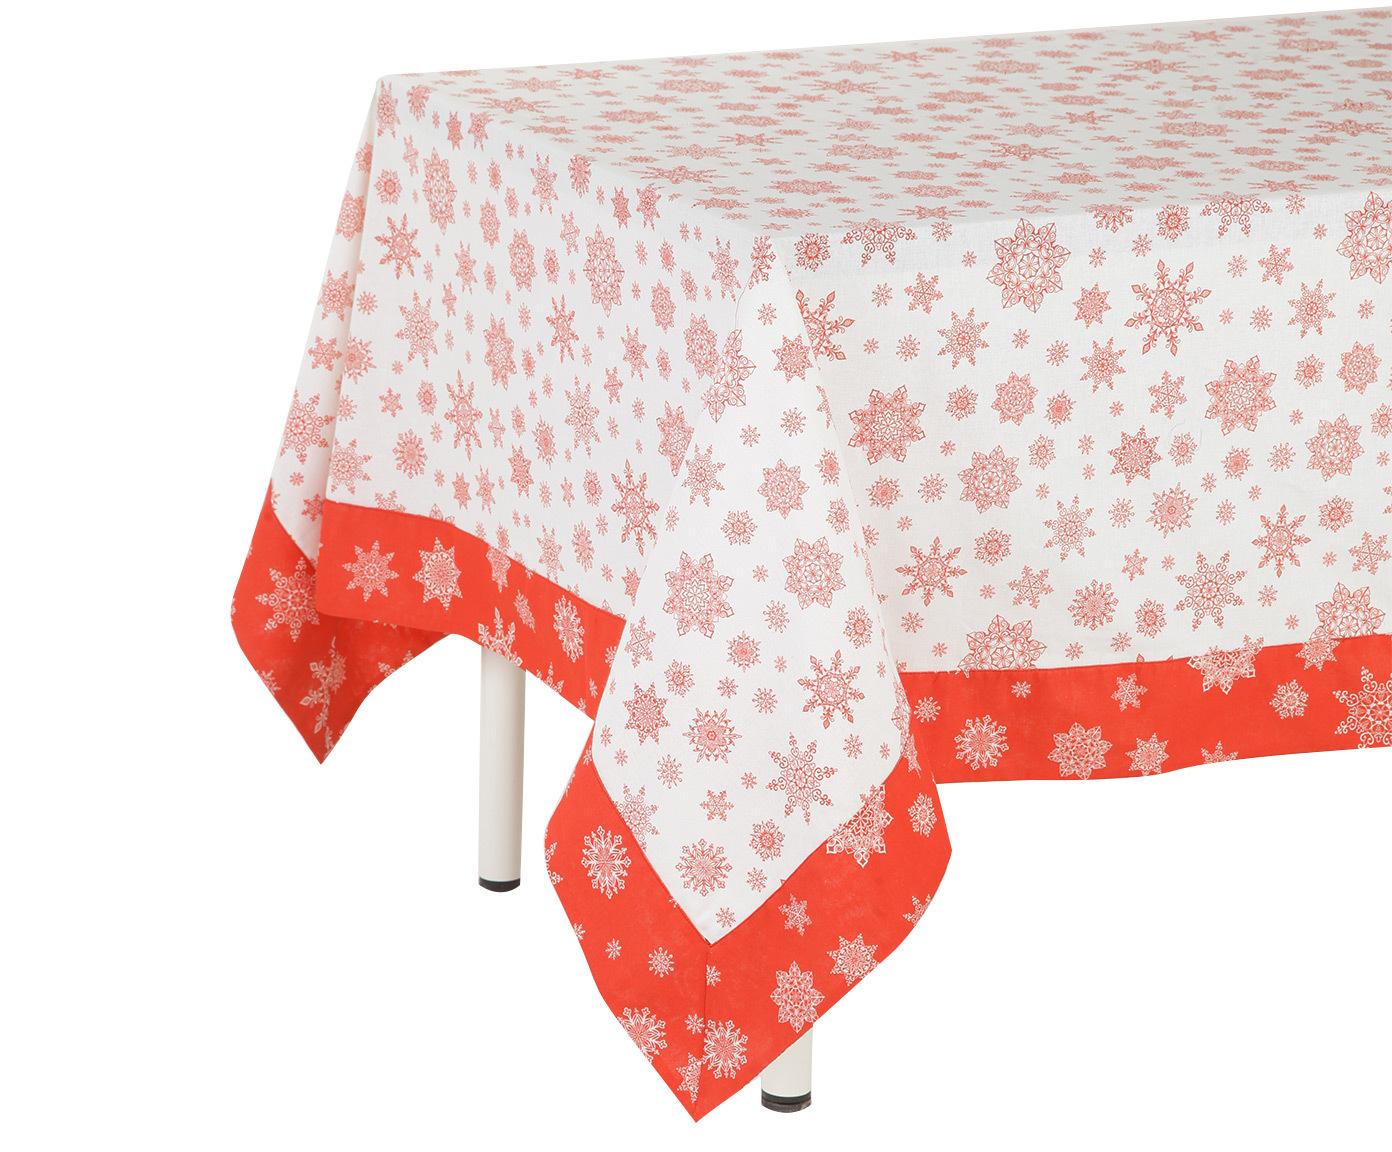 СкатертьСкатерти<br>Скатерть создаст за столом торжественно праздничную, но в то же время тёплую и уютную атмосферу. Эстетичный и функциональный аксессуар превратит любой обед в маленькое событие. Яркий цветочный рисунок с широкой отделкой по краю внесёт уют и позитив в столовое пространство. Плотная хлопковая ткань легко стирается и не изнашивается. Обедайте красиво!<br><br>Material: Хлопок<br>Length см: None<br>Width см: 160<br>Depth см: 220<br>Diameter см: None